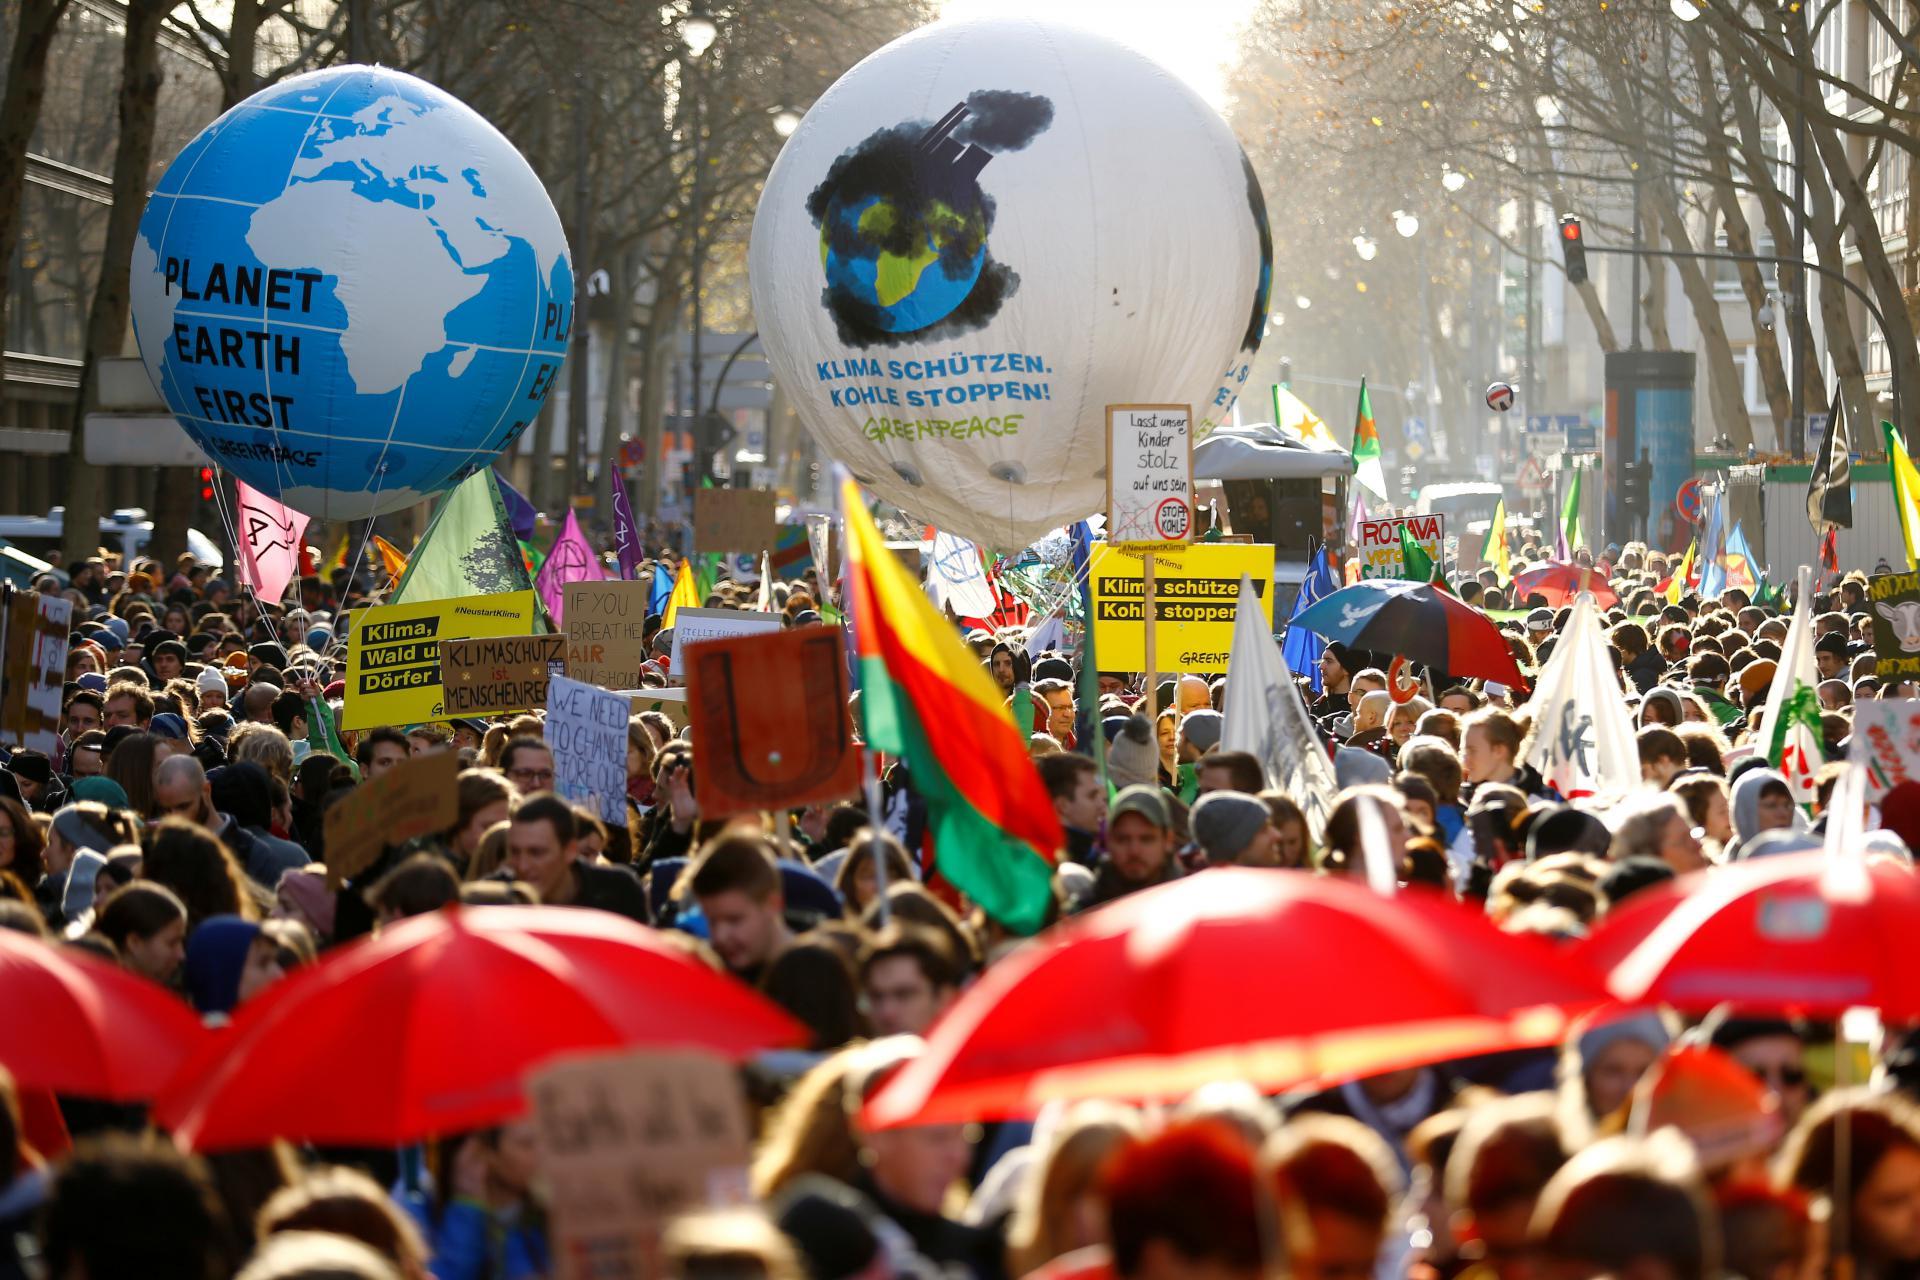 I jučer se širom Europe prosvjedovalo za spas planete. Snimka je iz njemačkog Koelna